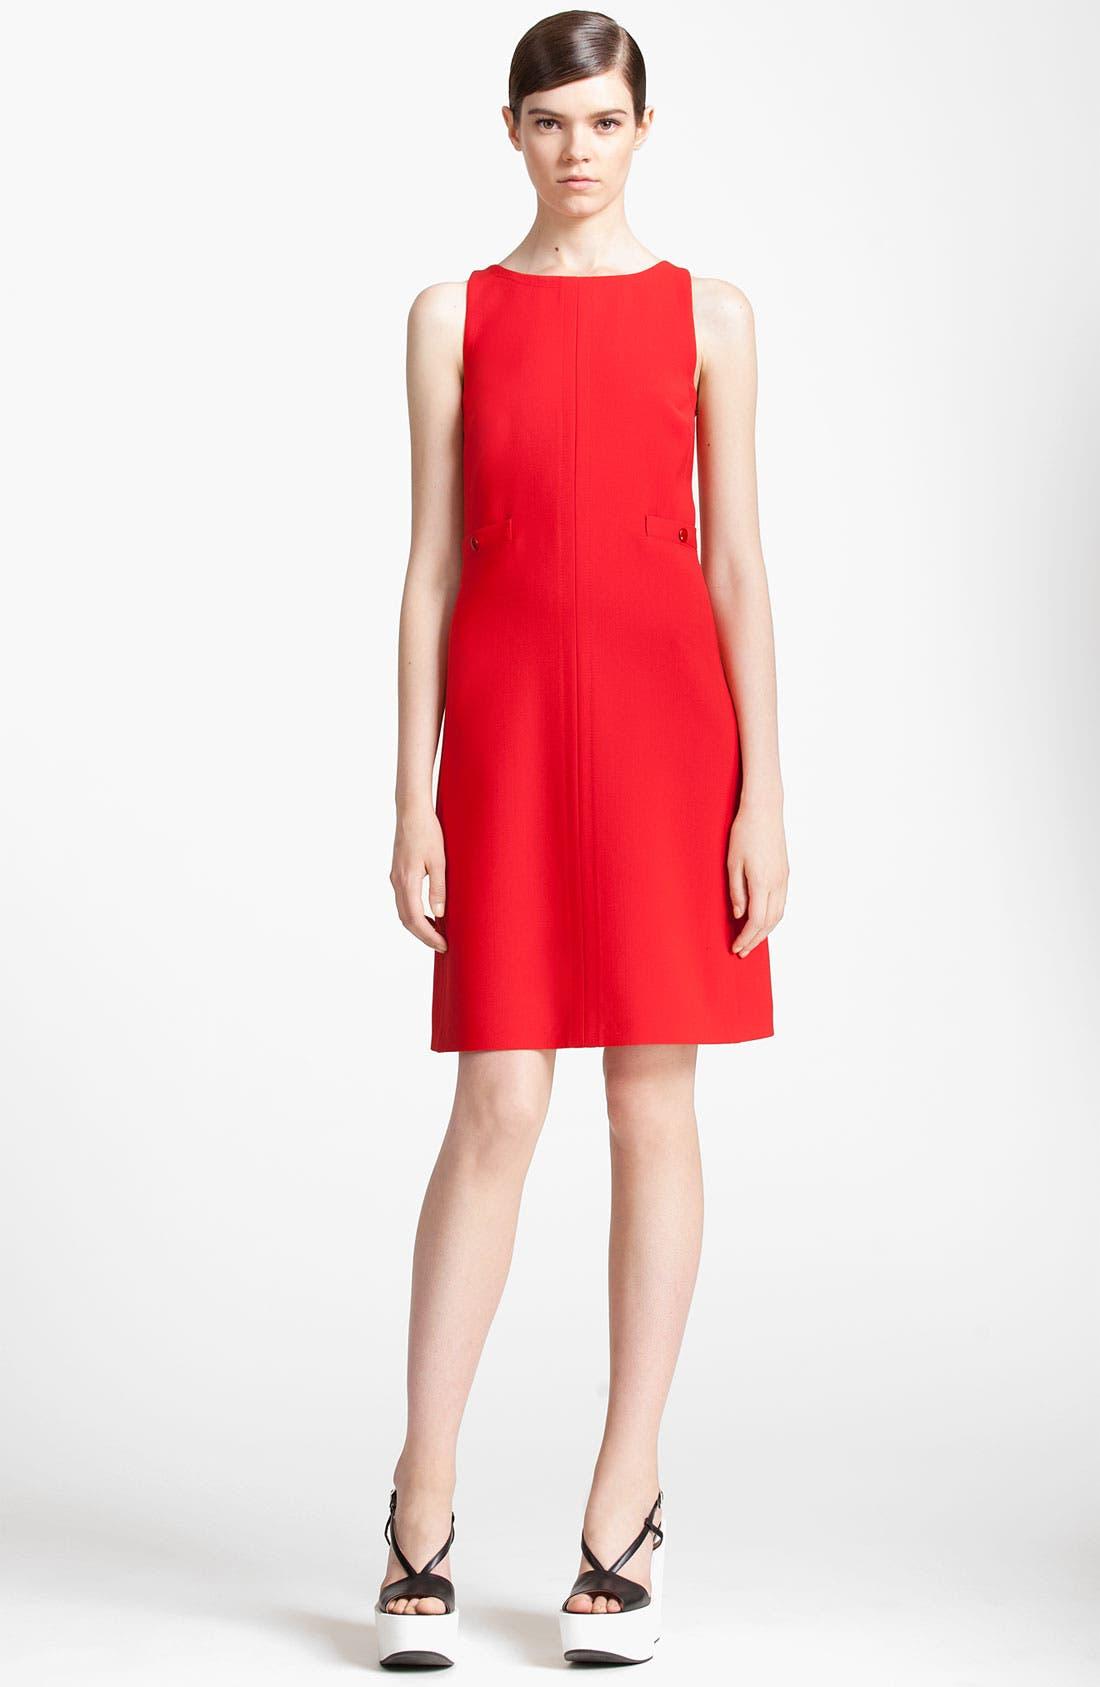 Alternate Image 1 Selected - Jil Sander Navy Wool Crepe Dress